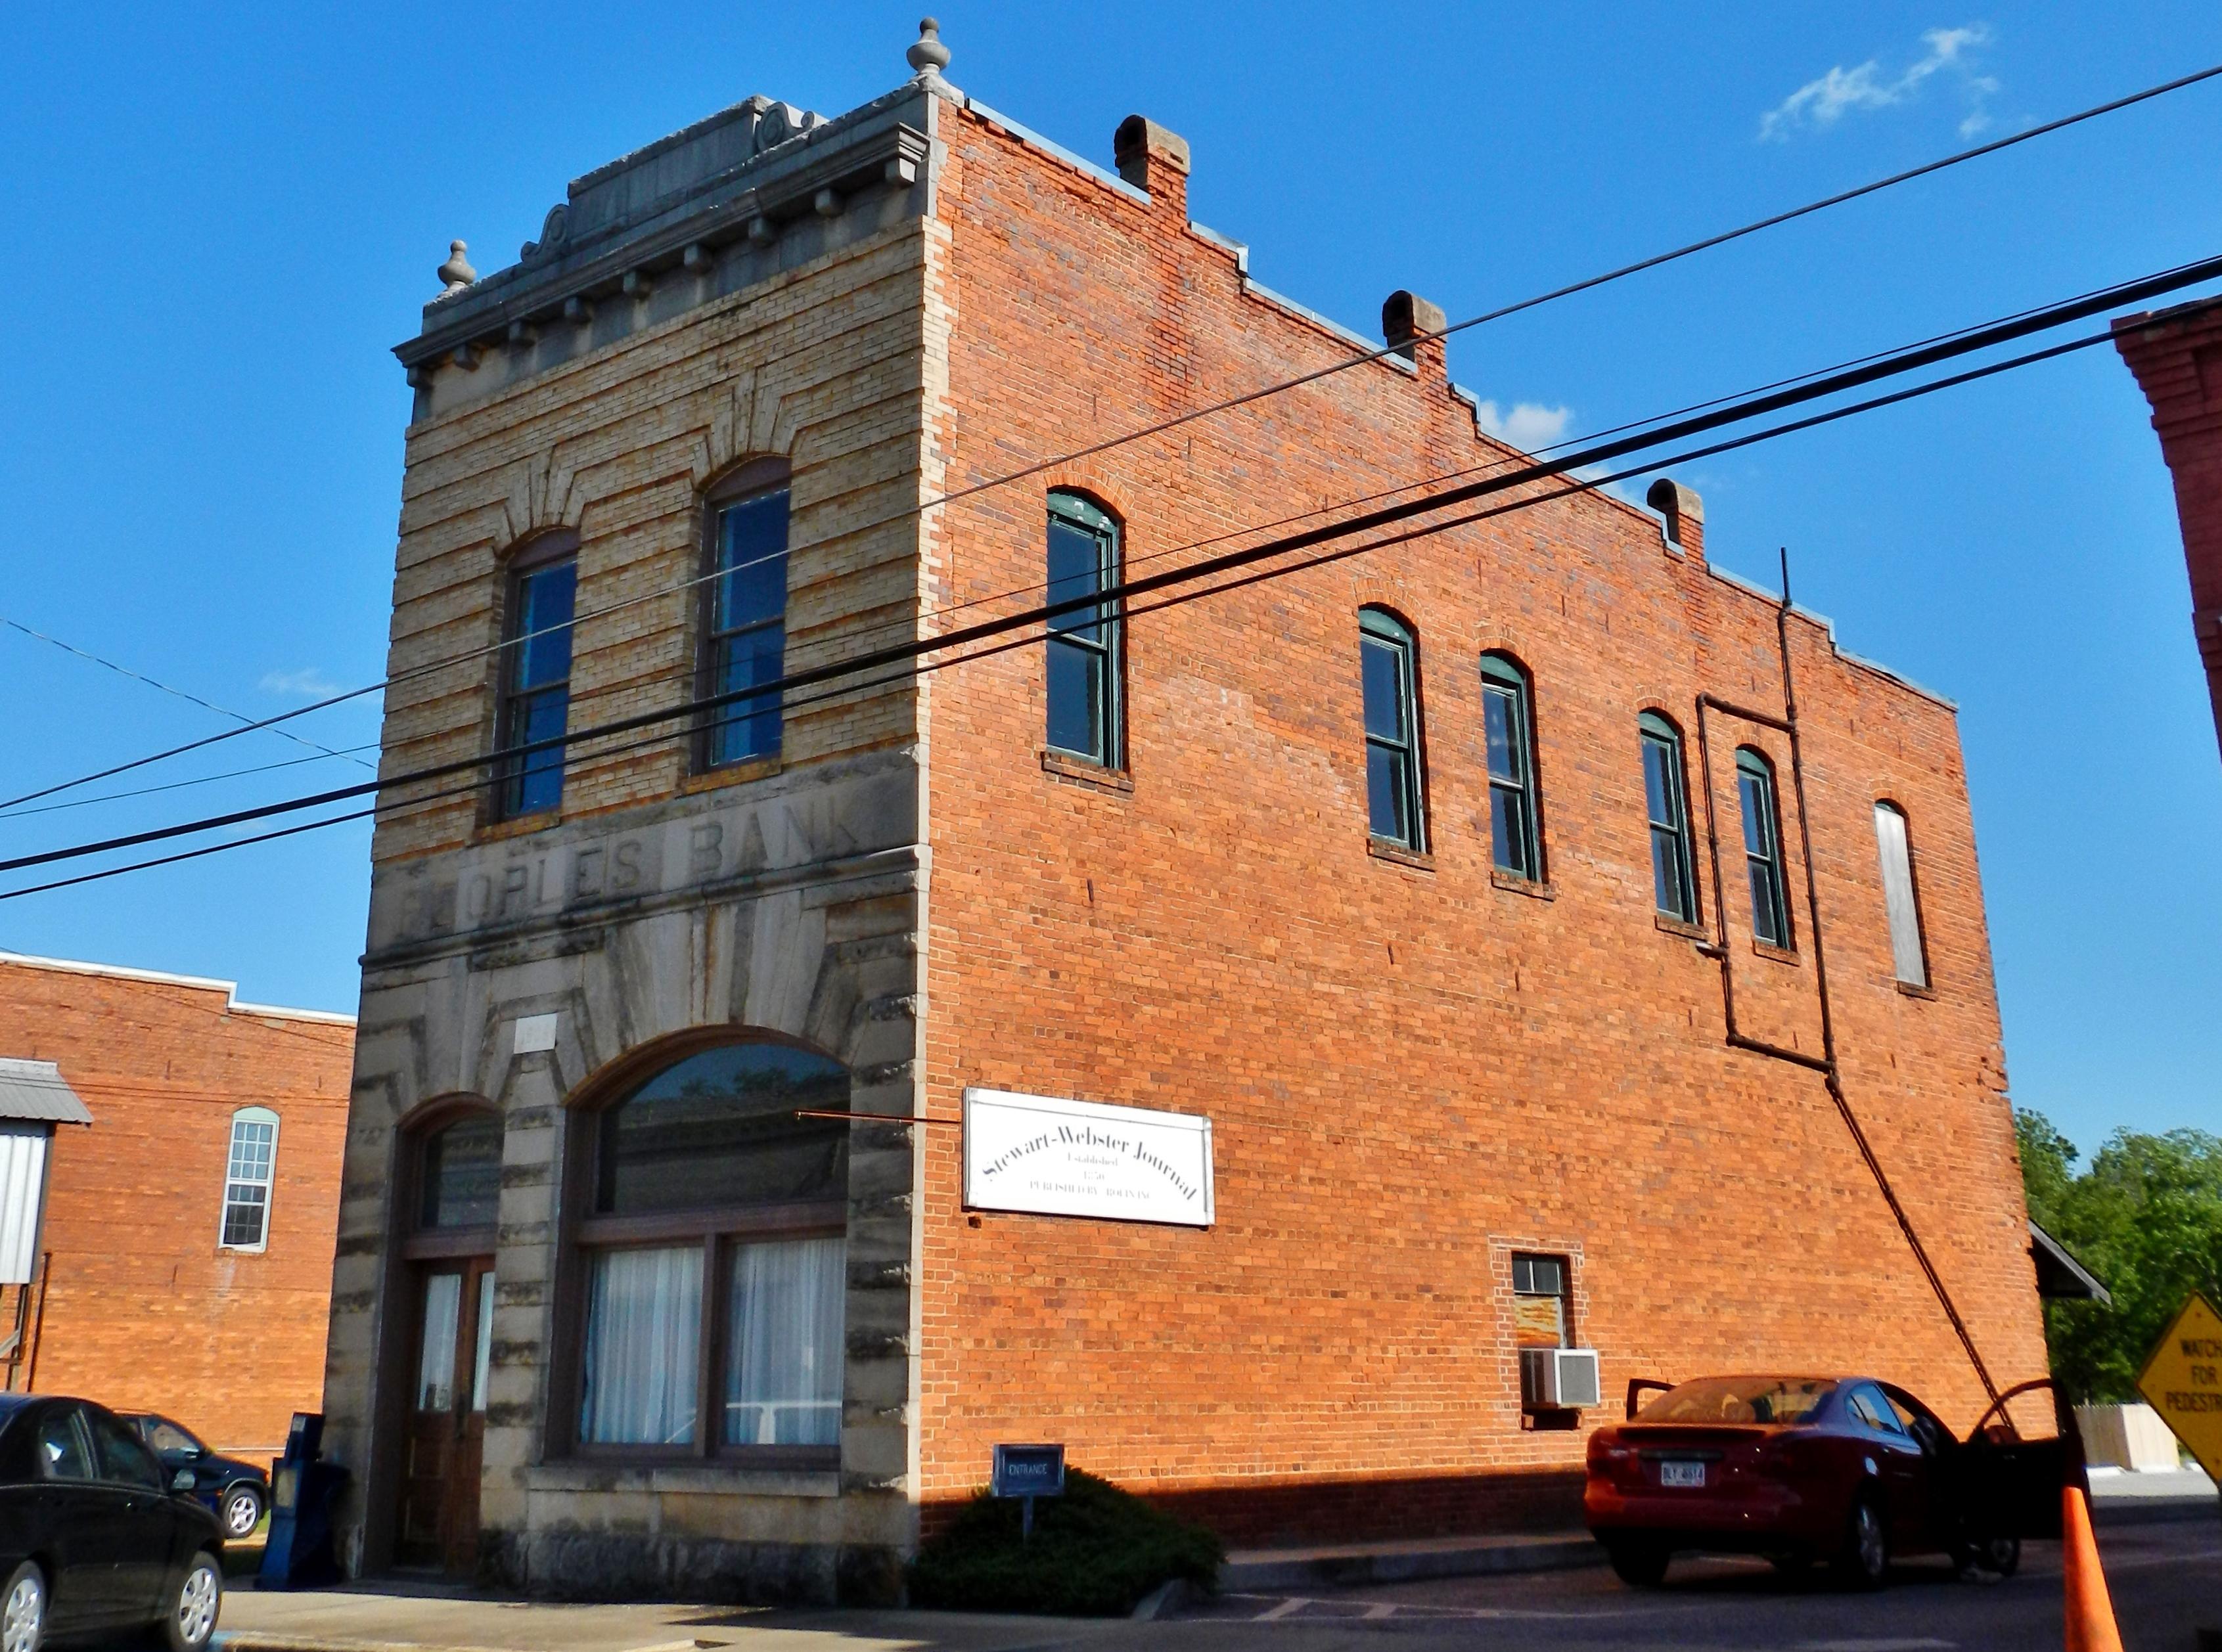 File:Peoples Bank (c. 1905) (Richland, GA).JPG